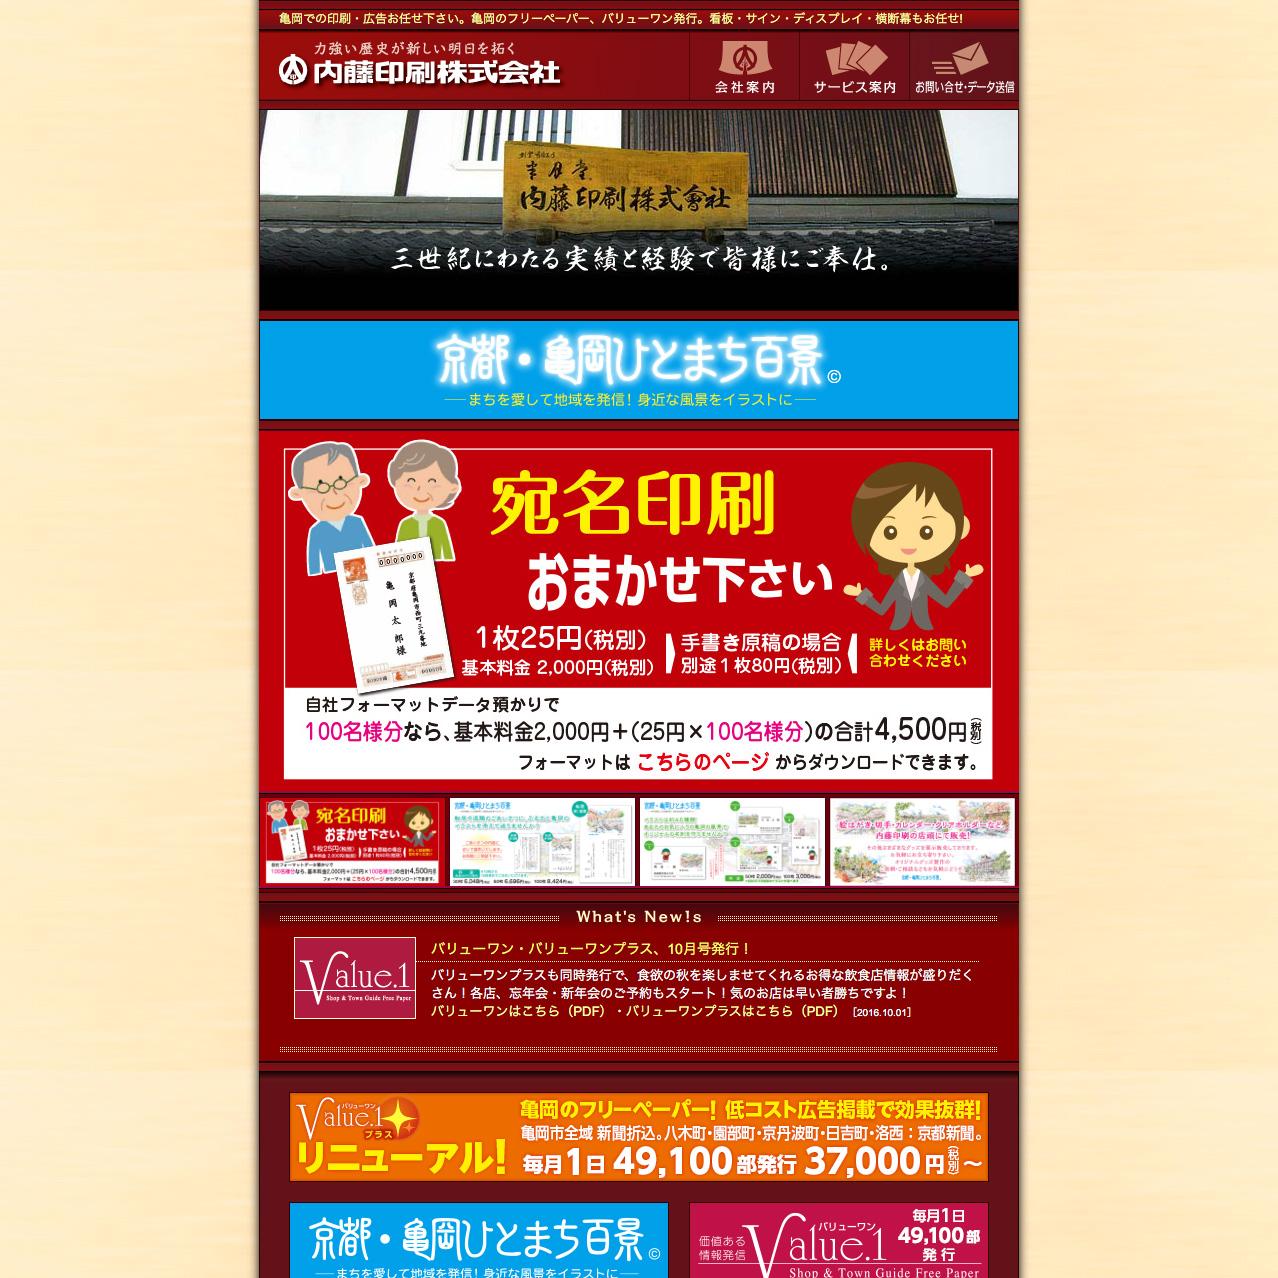 内藤印刷株式会社 ウェブサイト